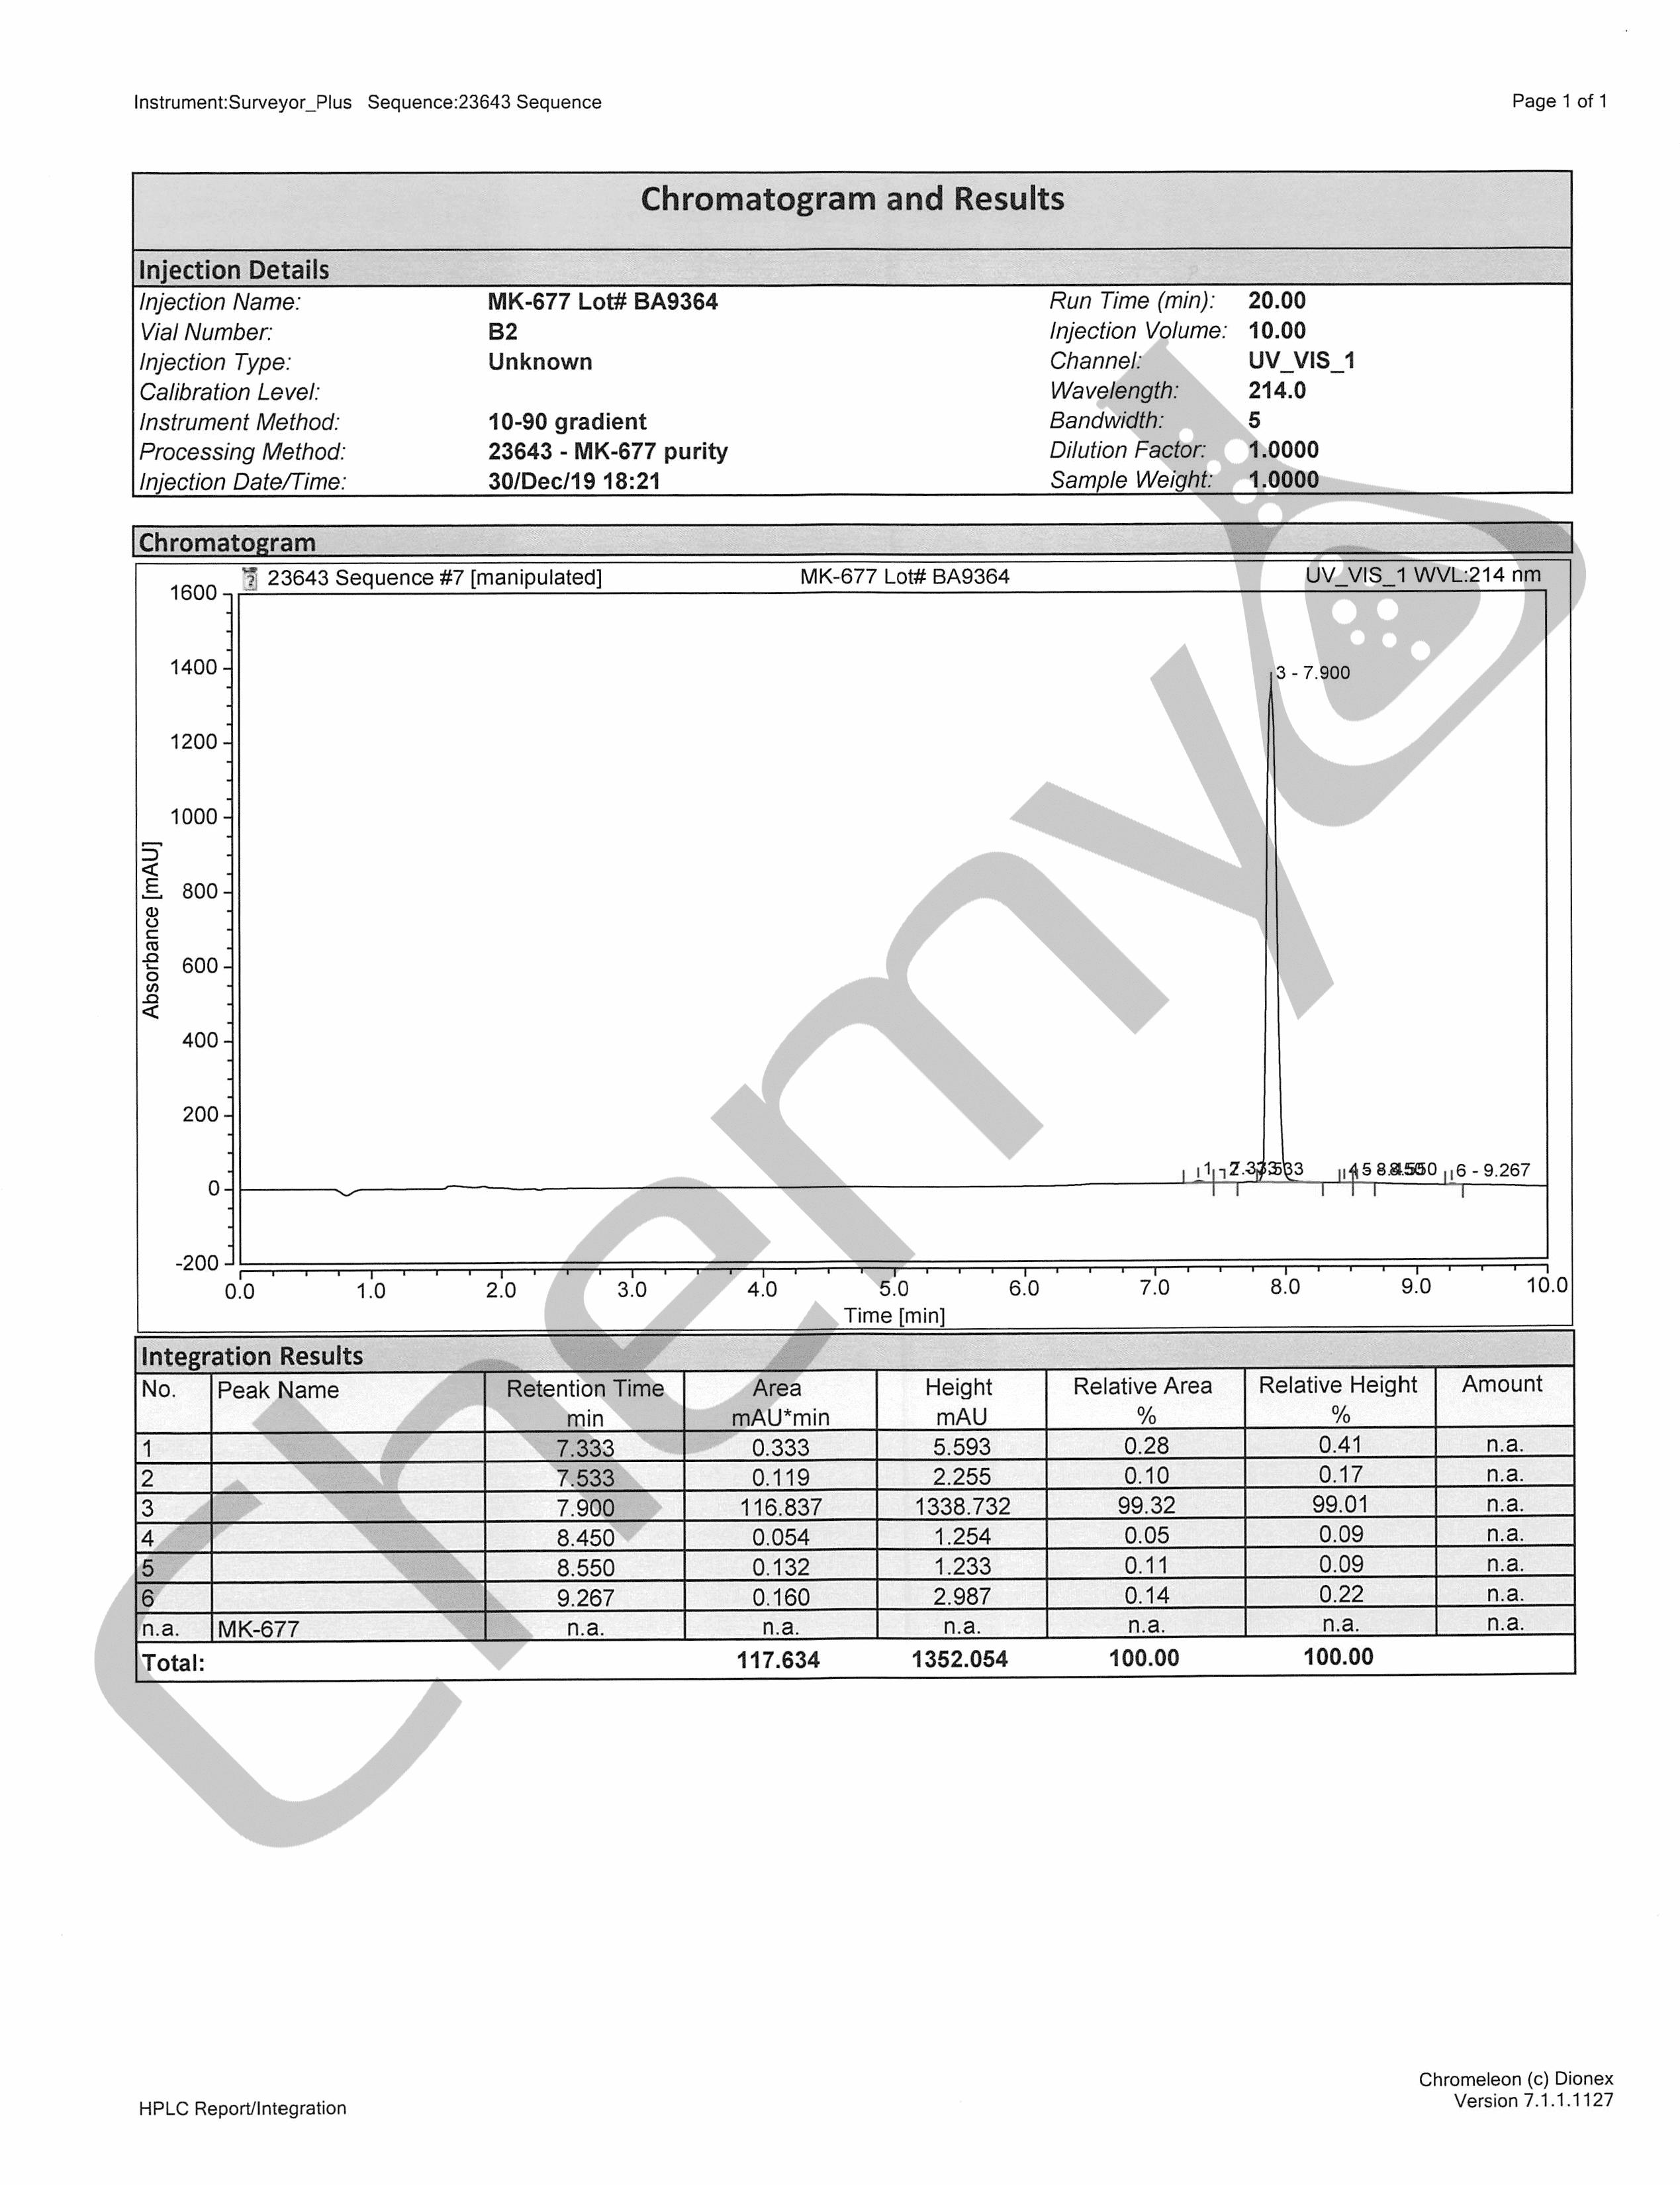 BA9364 MK677 HPLC